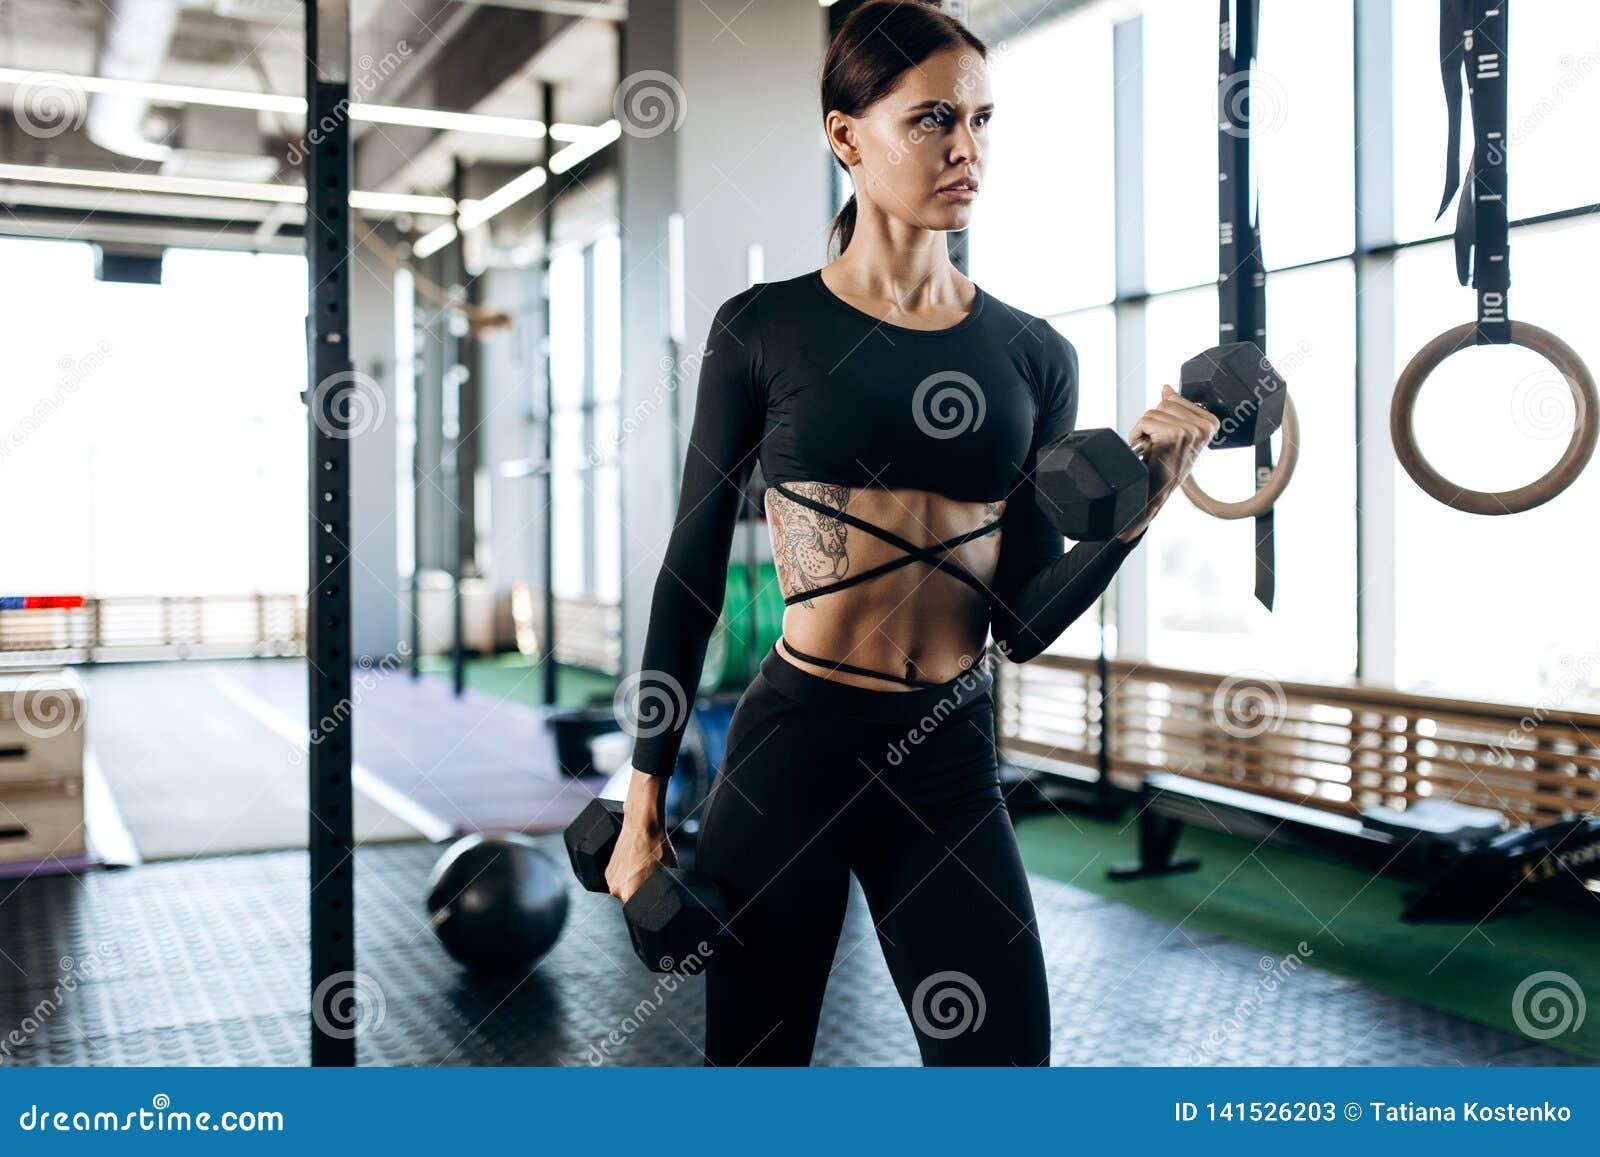 A jovem mulher delgada com a tatuagem vestida em um sportswear preto está fazendo exercícios com pesos no gym